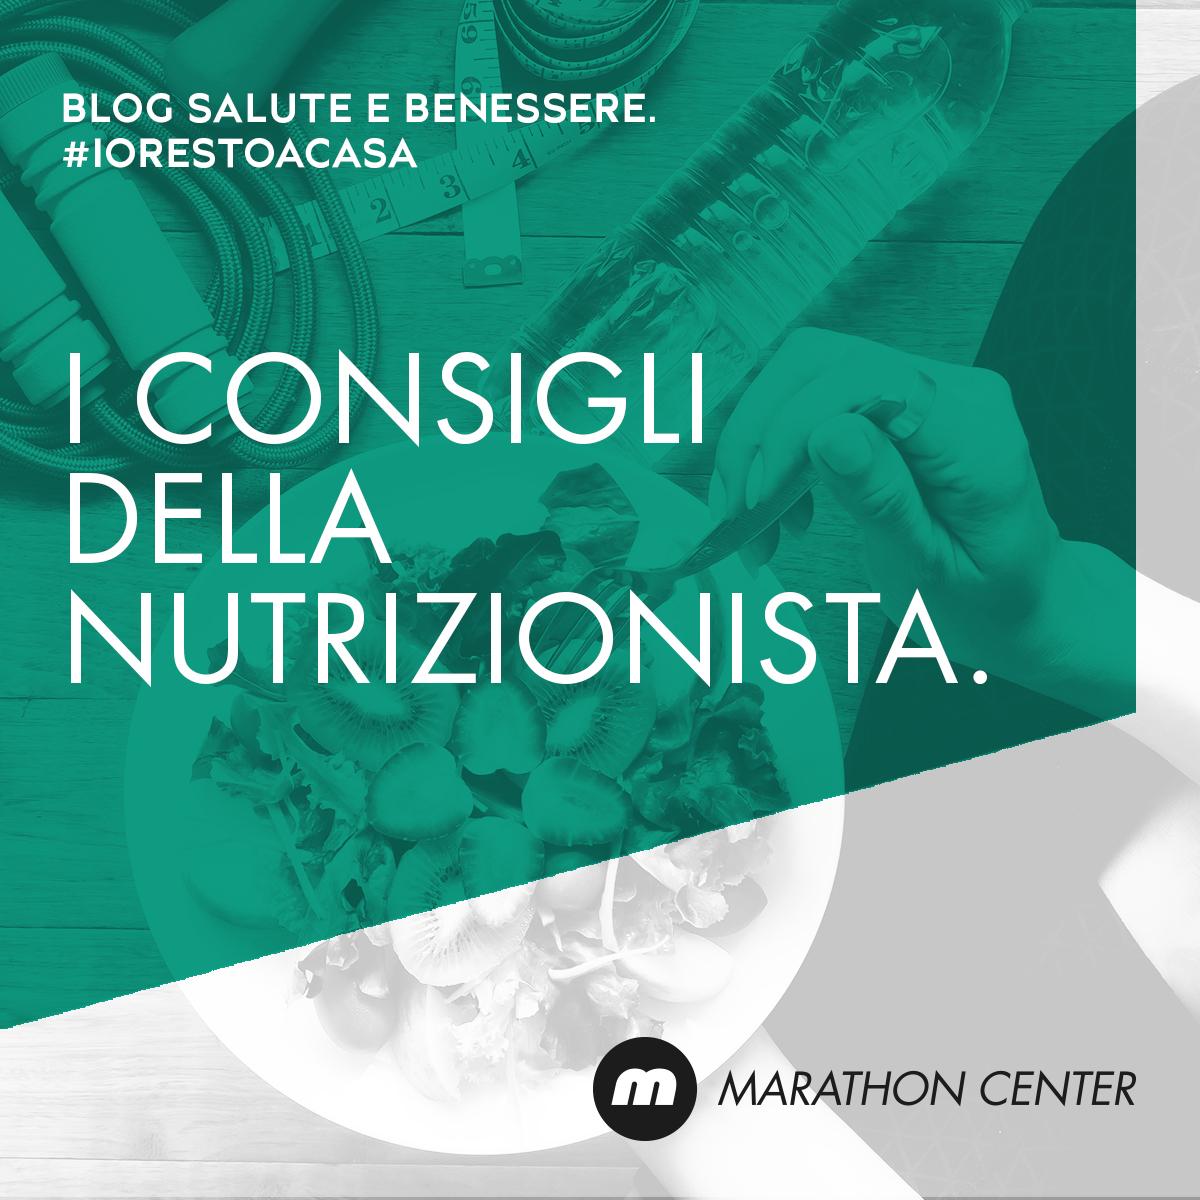 marathon-medical-center-brescia-consigli-nutrizionista-iorestoacasa